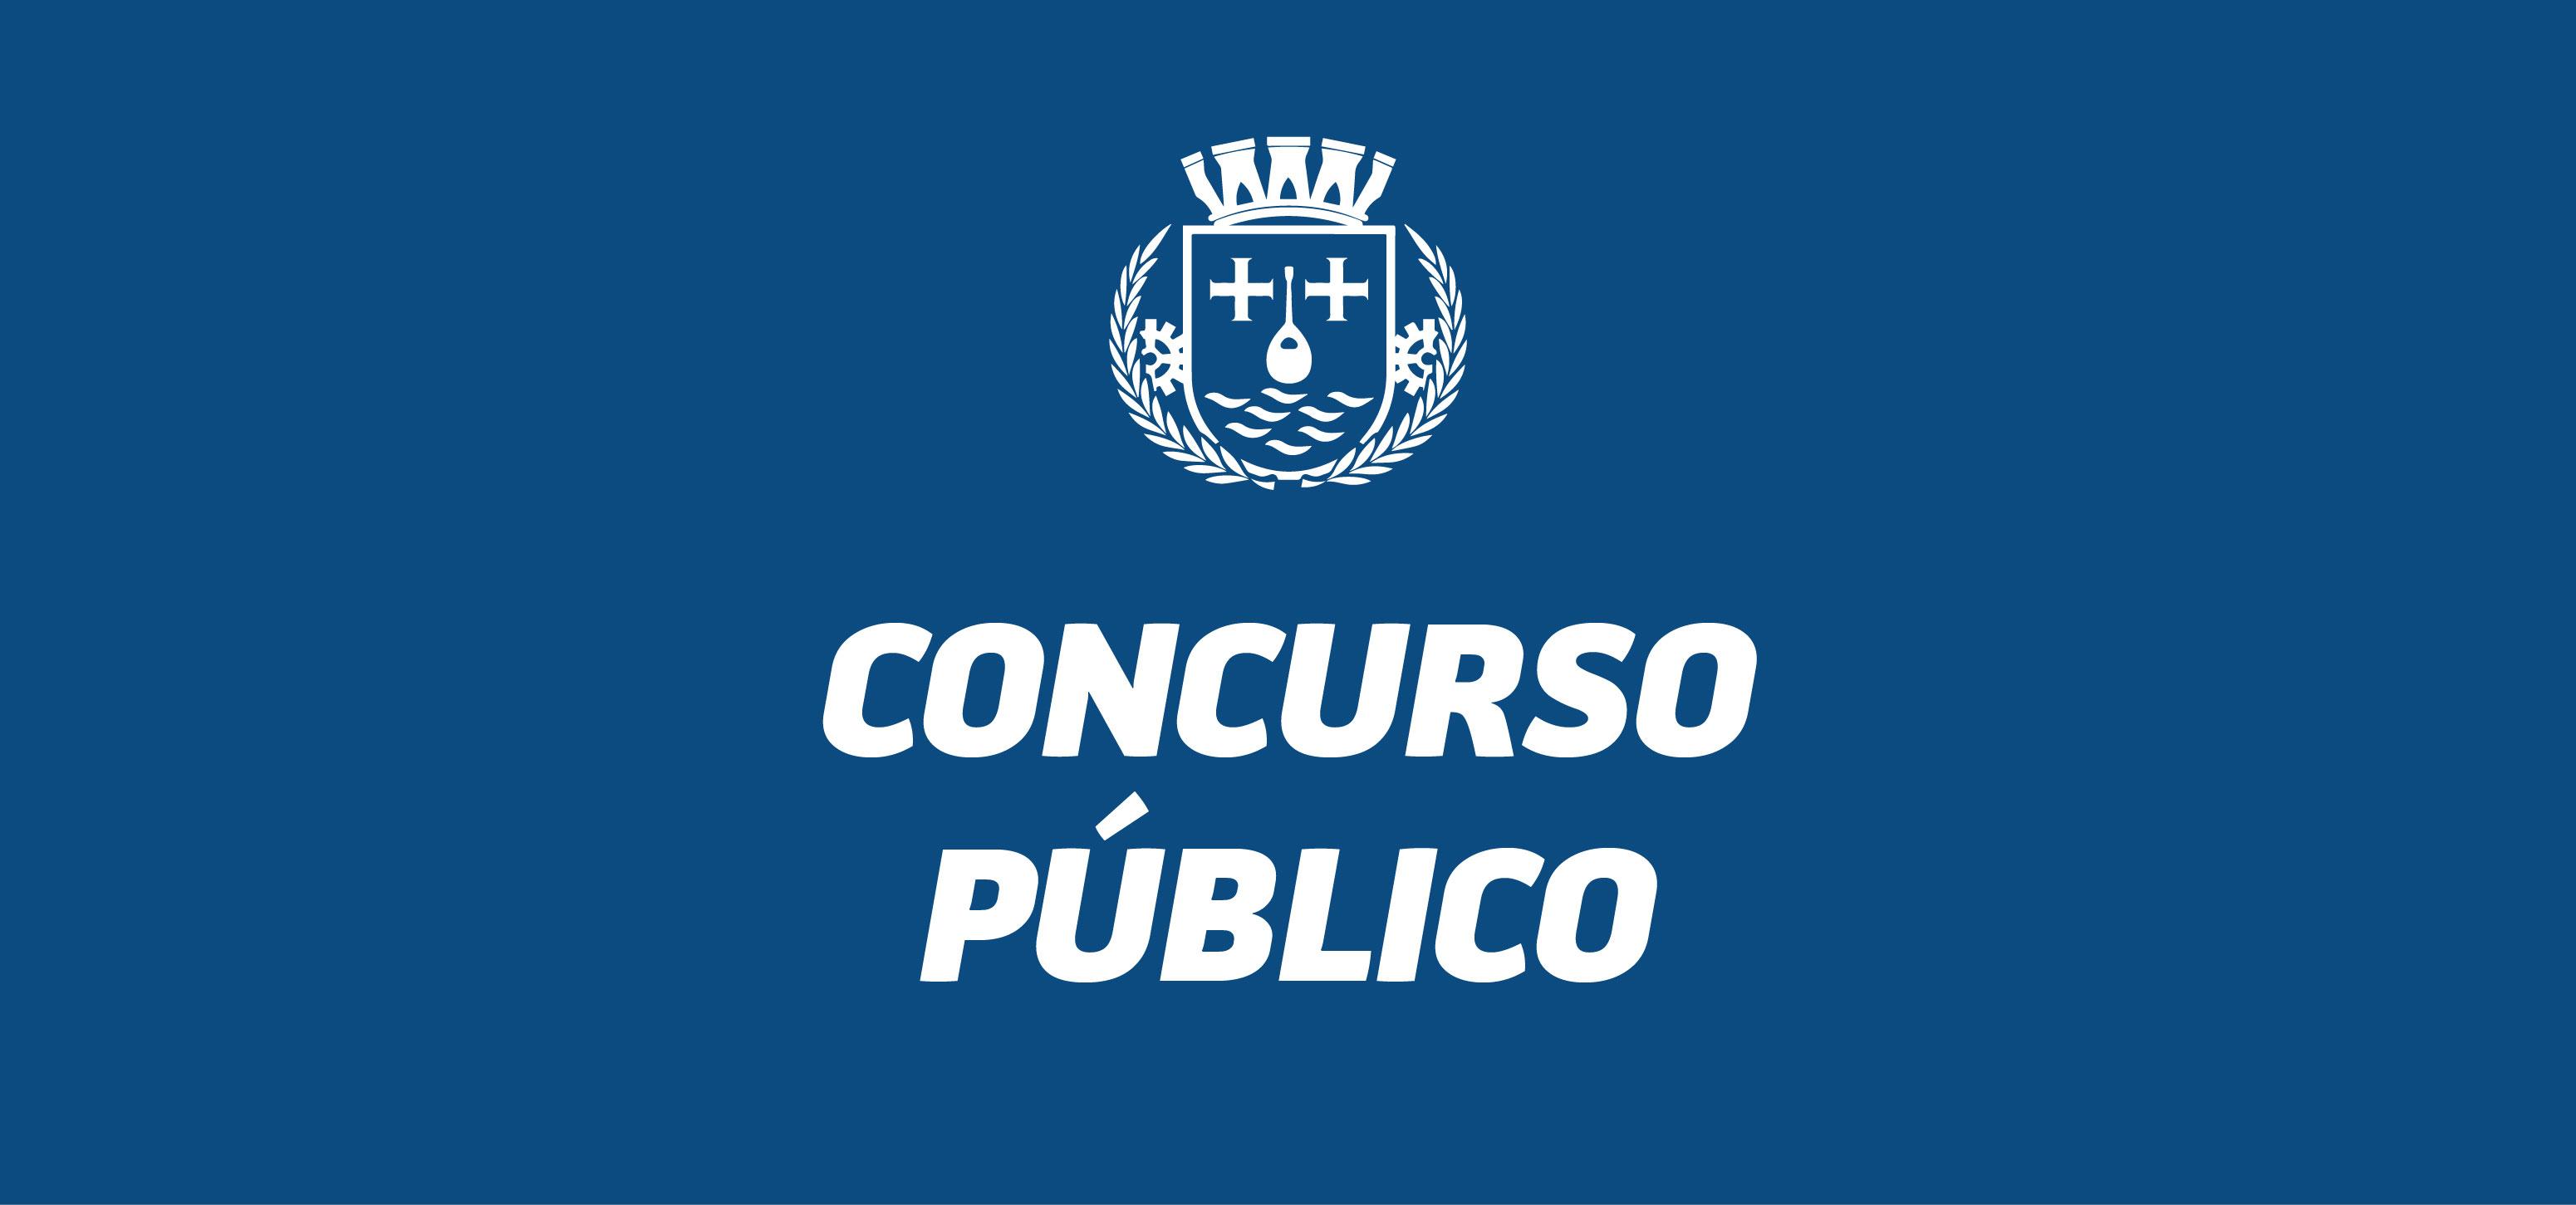 São Gonçalo retoma concurso público suspenso por causa da pandemia - Prefeitura de São Gonçalo do Amarante